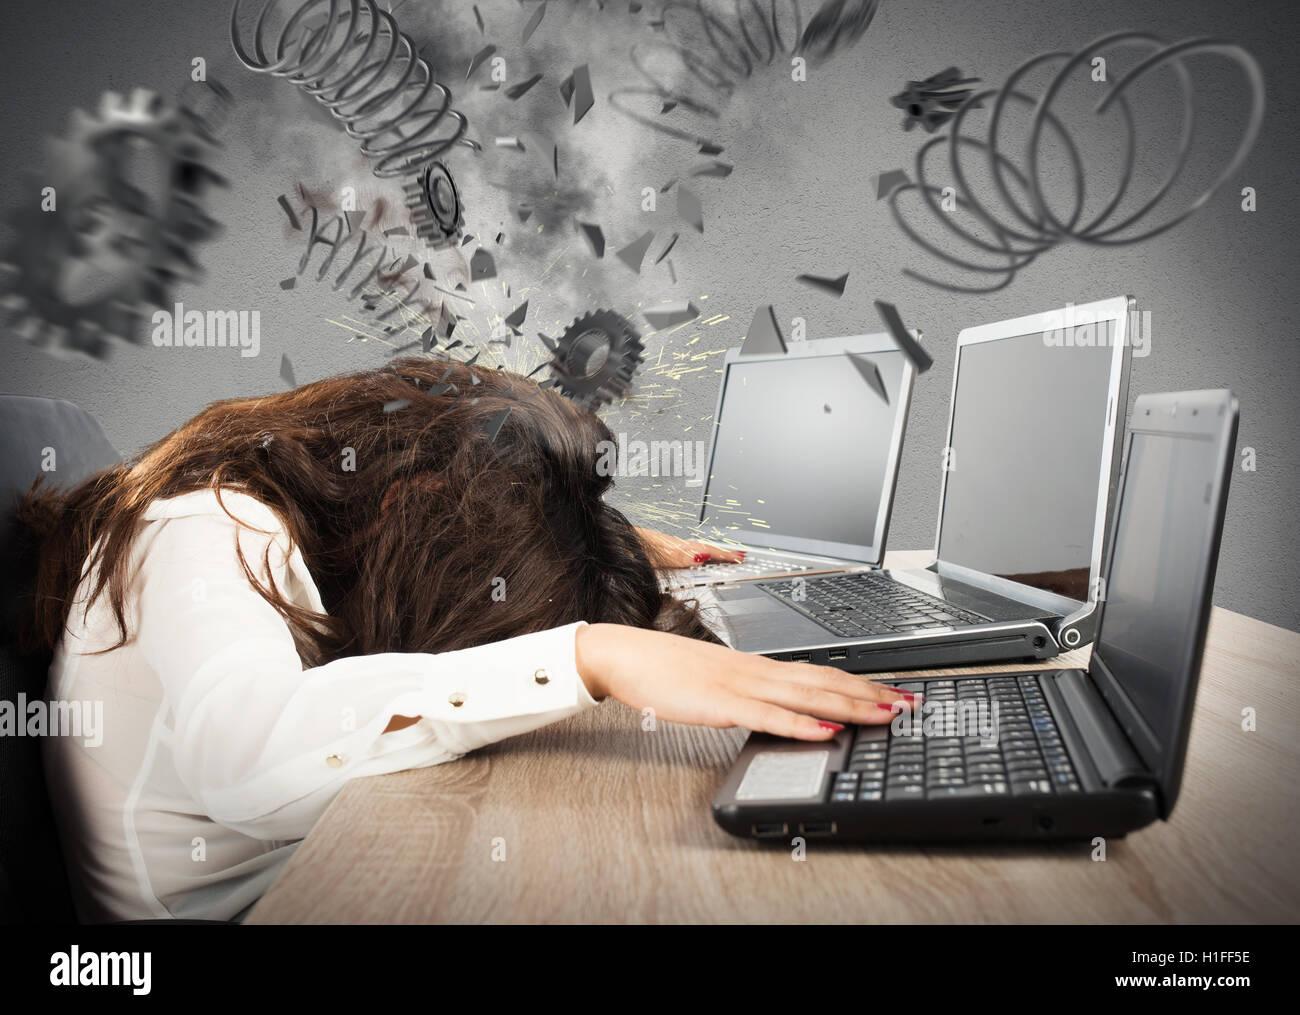 Concepto de estrés con explosión de engranajes Imagen De Stock